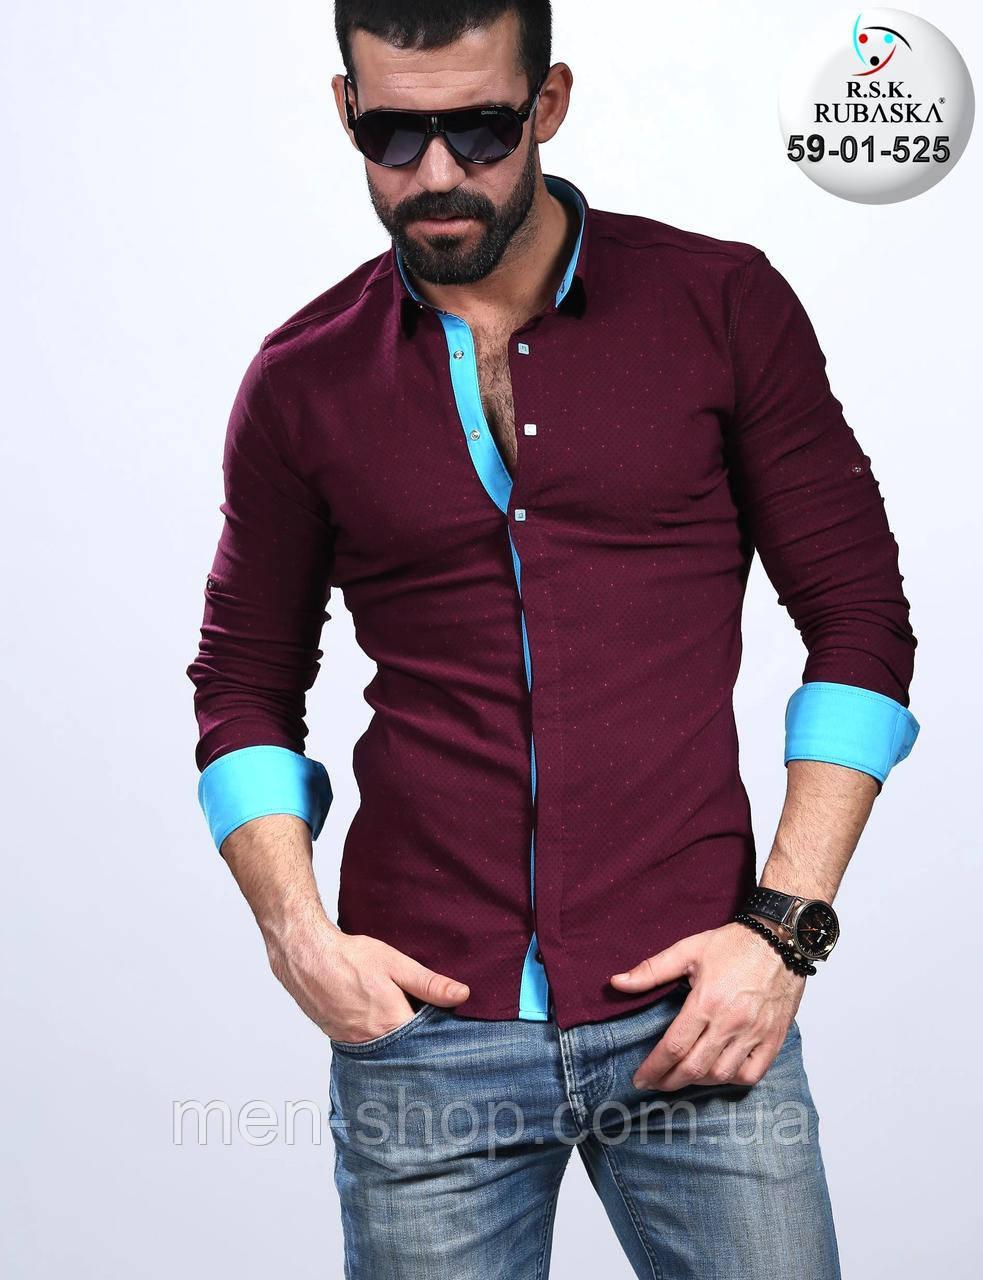 b13fbca8891 Красивая мужская рубашка с голубыми манжетами - Men-Shop в Харькове